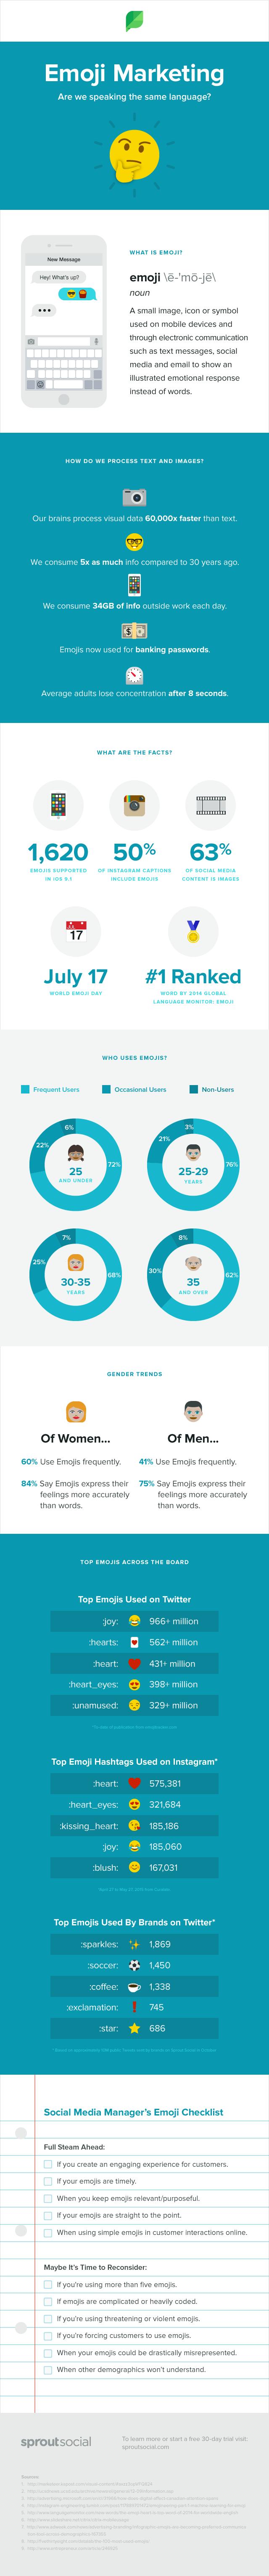 Emoji marketing ¿estamos hablando el mismo idioma?